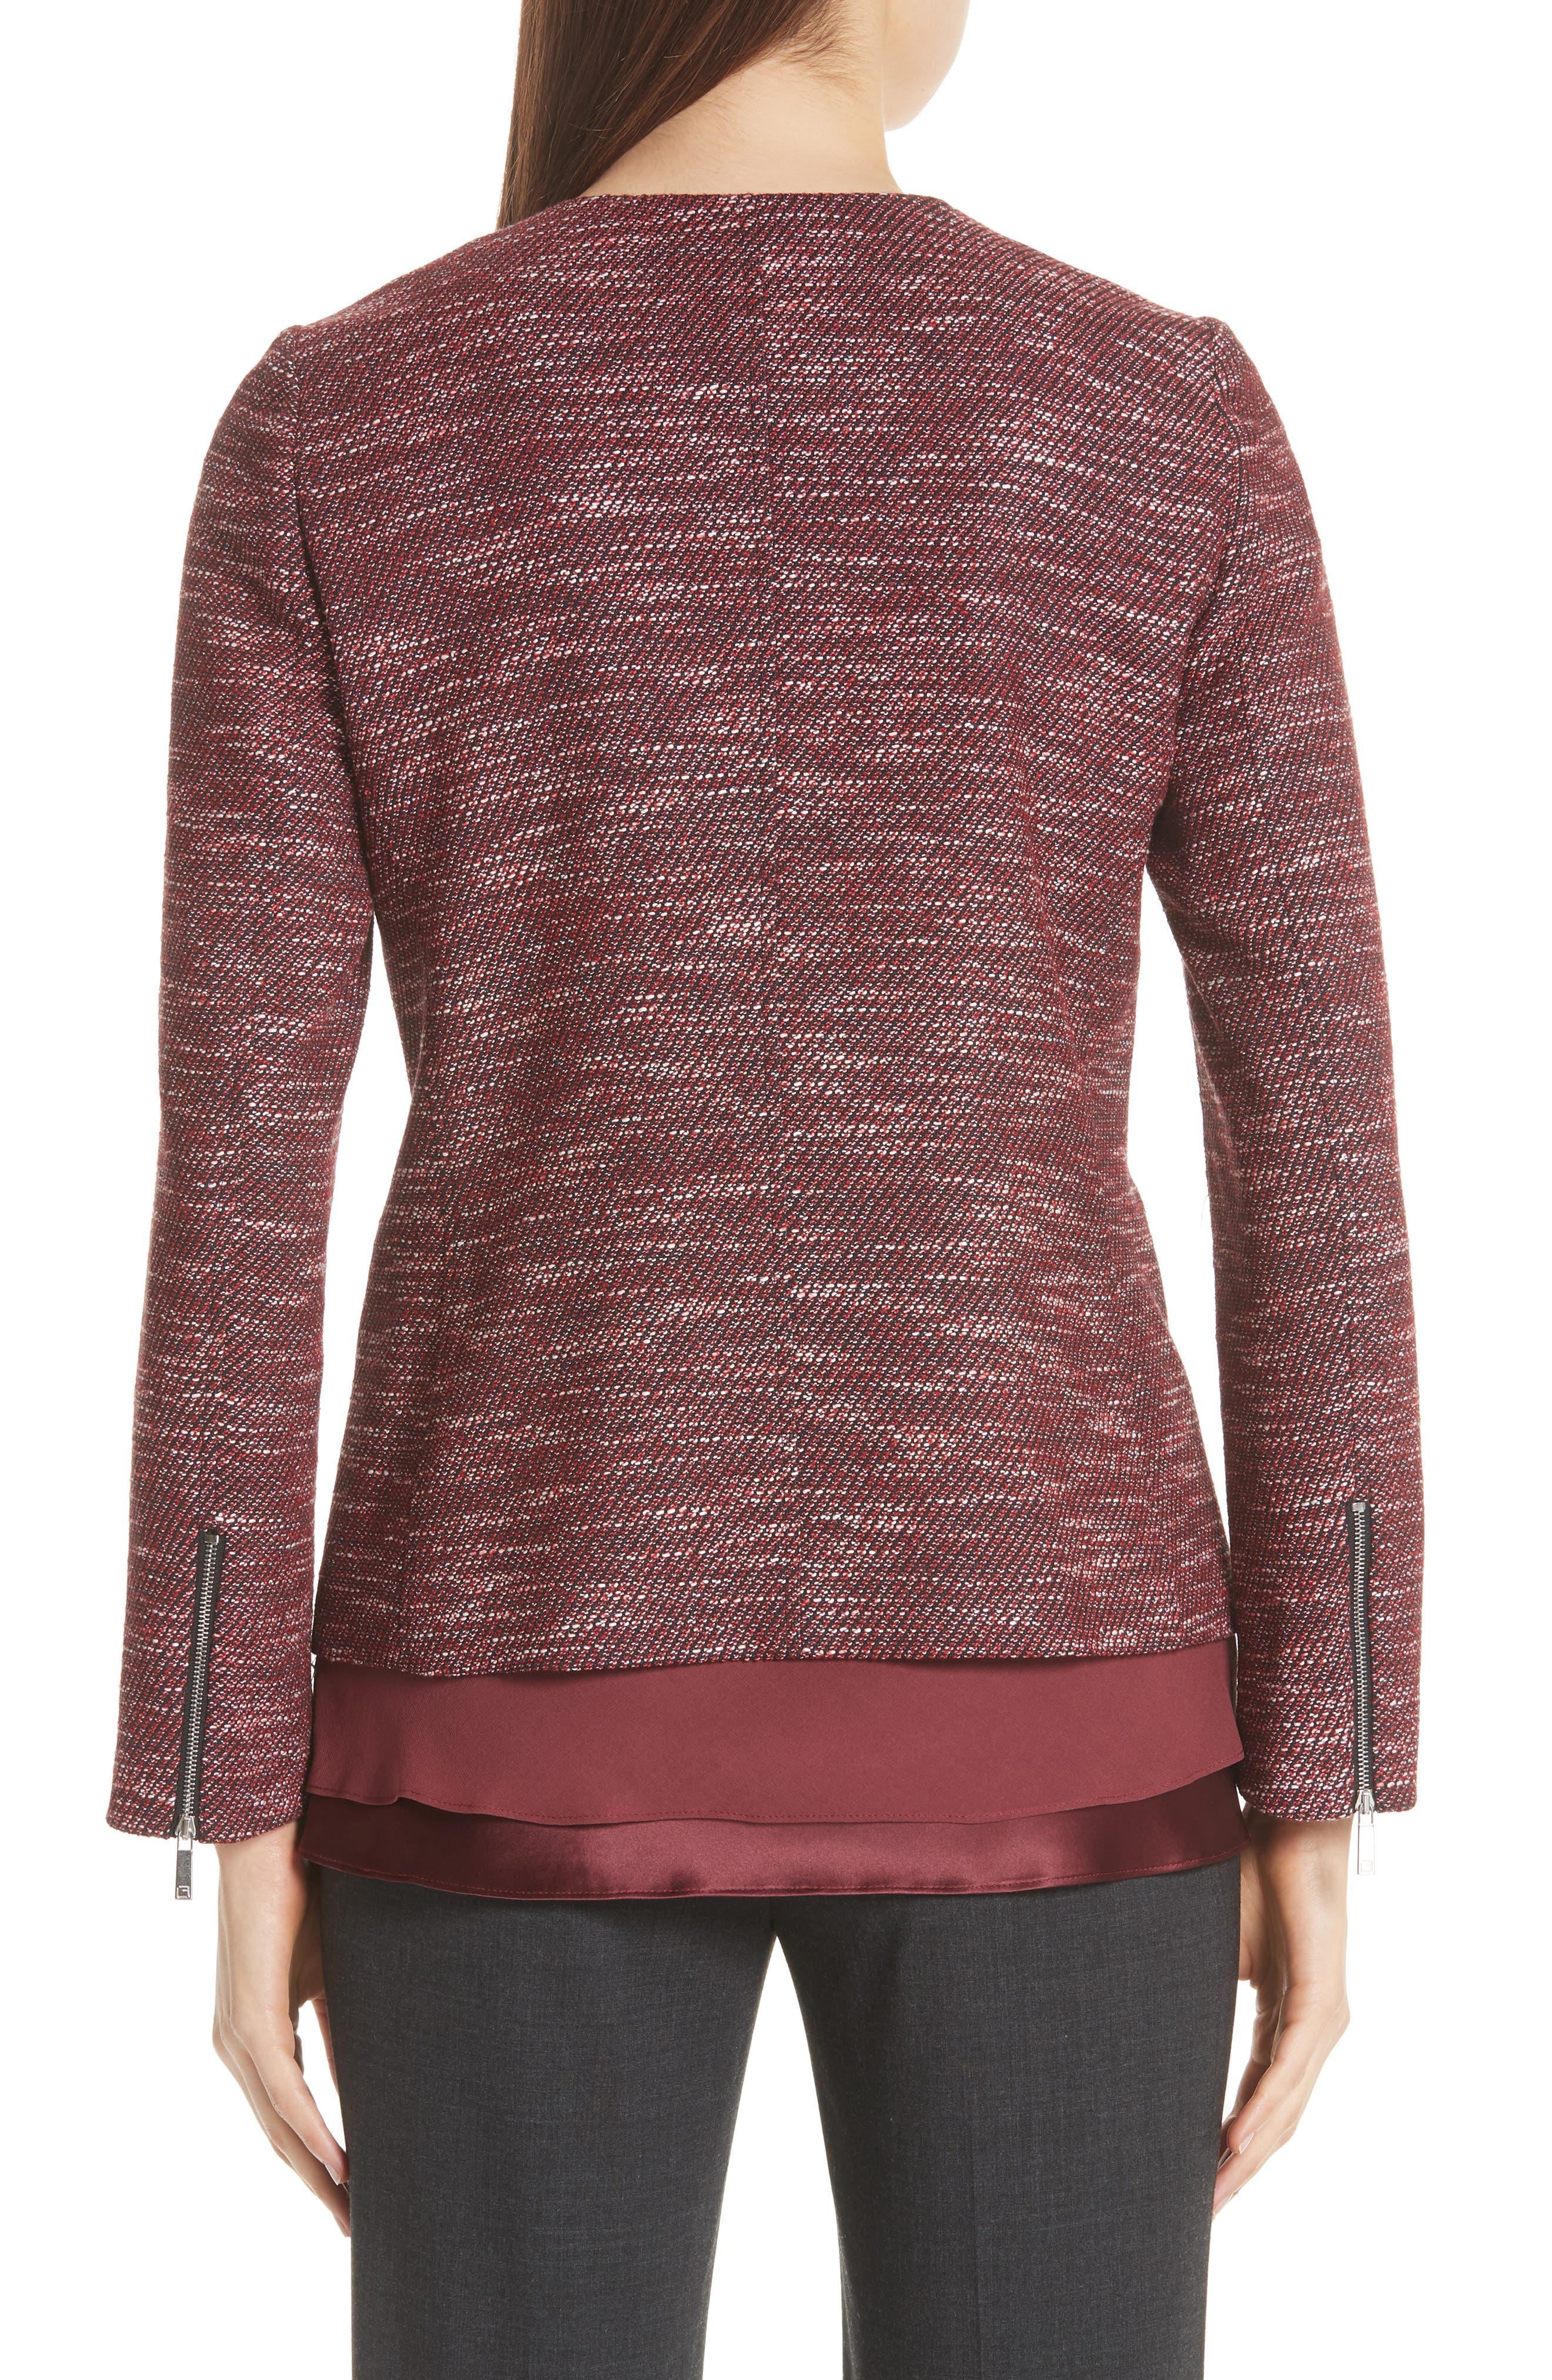 Kerrington Wool Blend Jacket,                             Alternate thumbnail 2, color,                             930